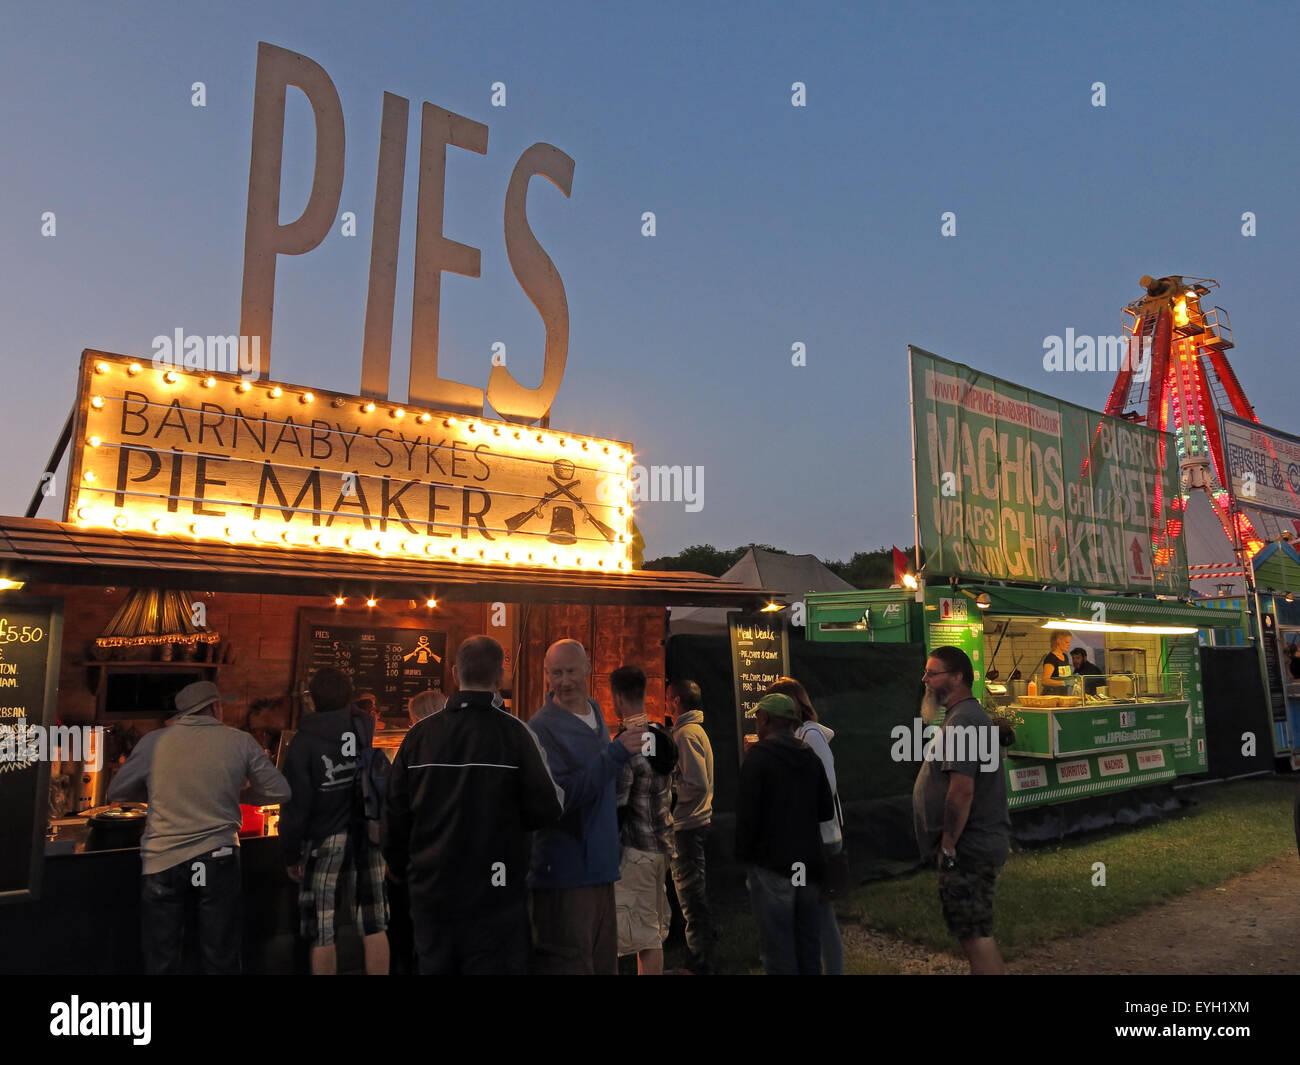 Laden Sie dieses Alamy Stockfoto Handgefertigte Artisan Kuchen zum Verkauf an ein Festival, England, UK - EYH1XM